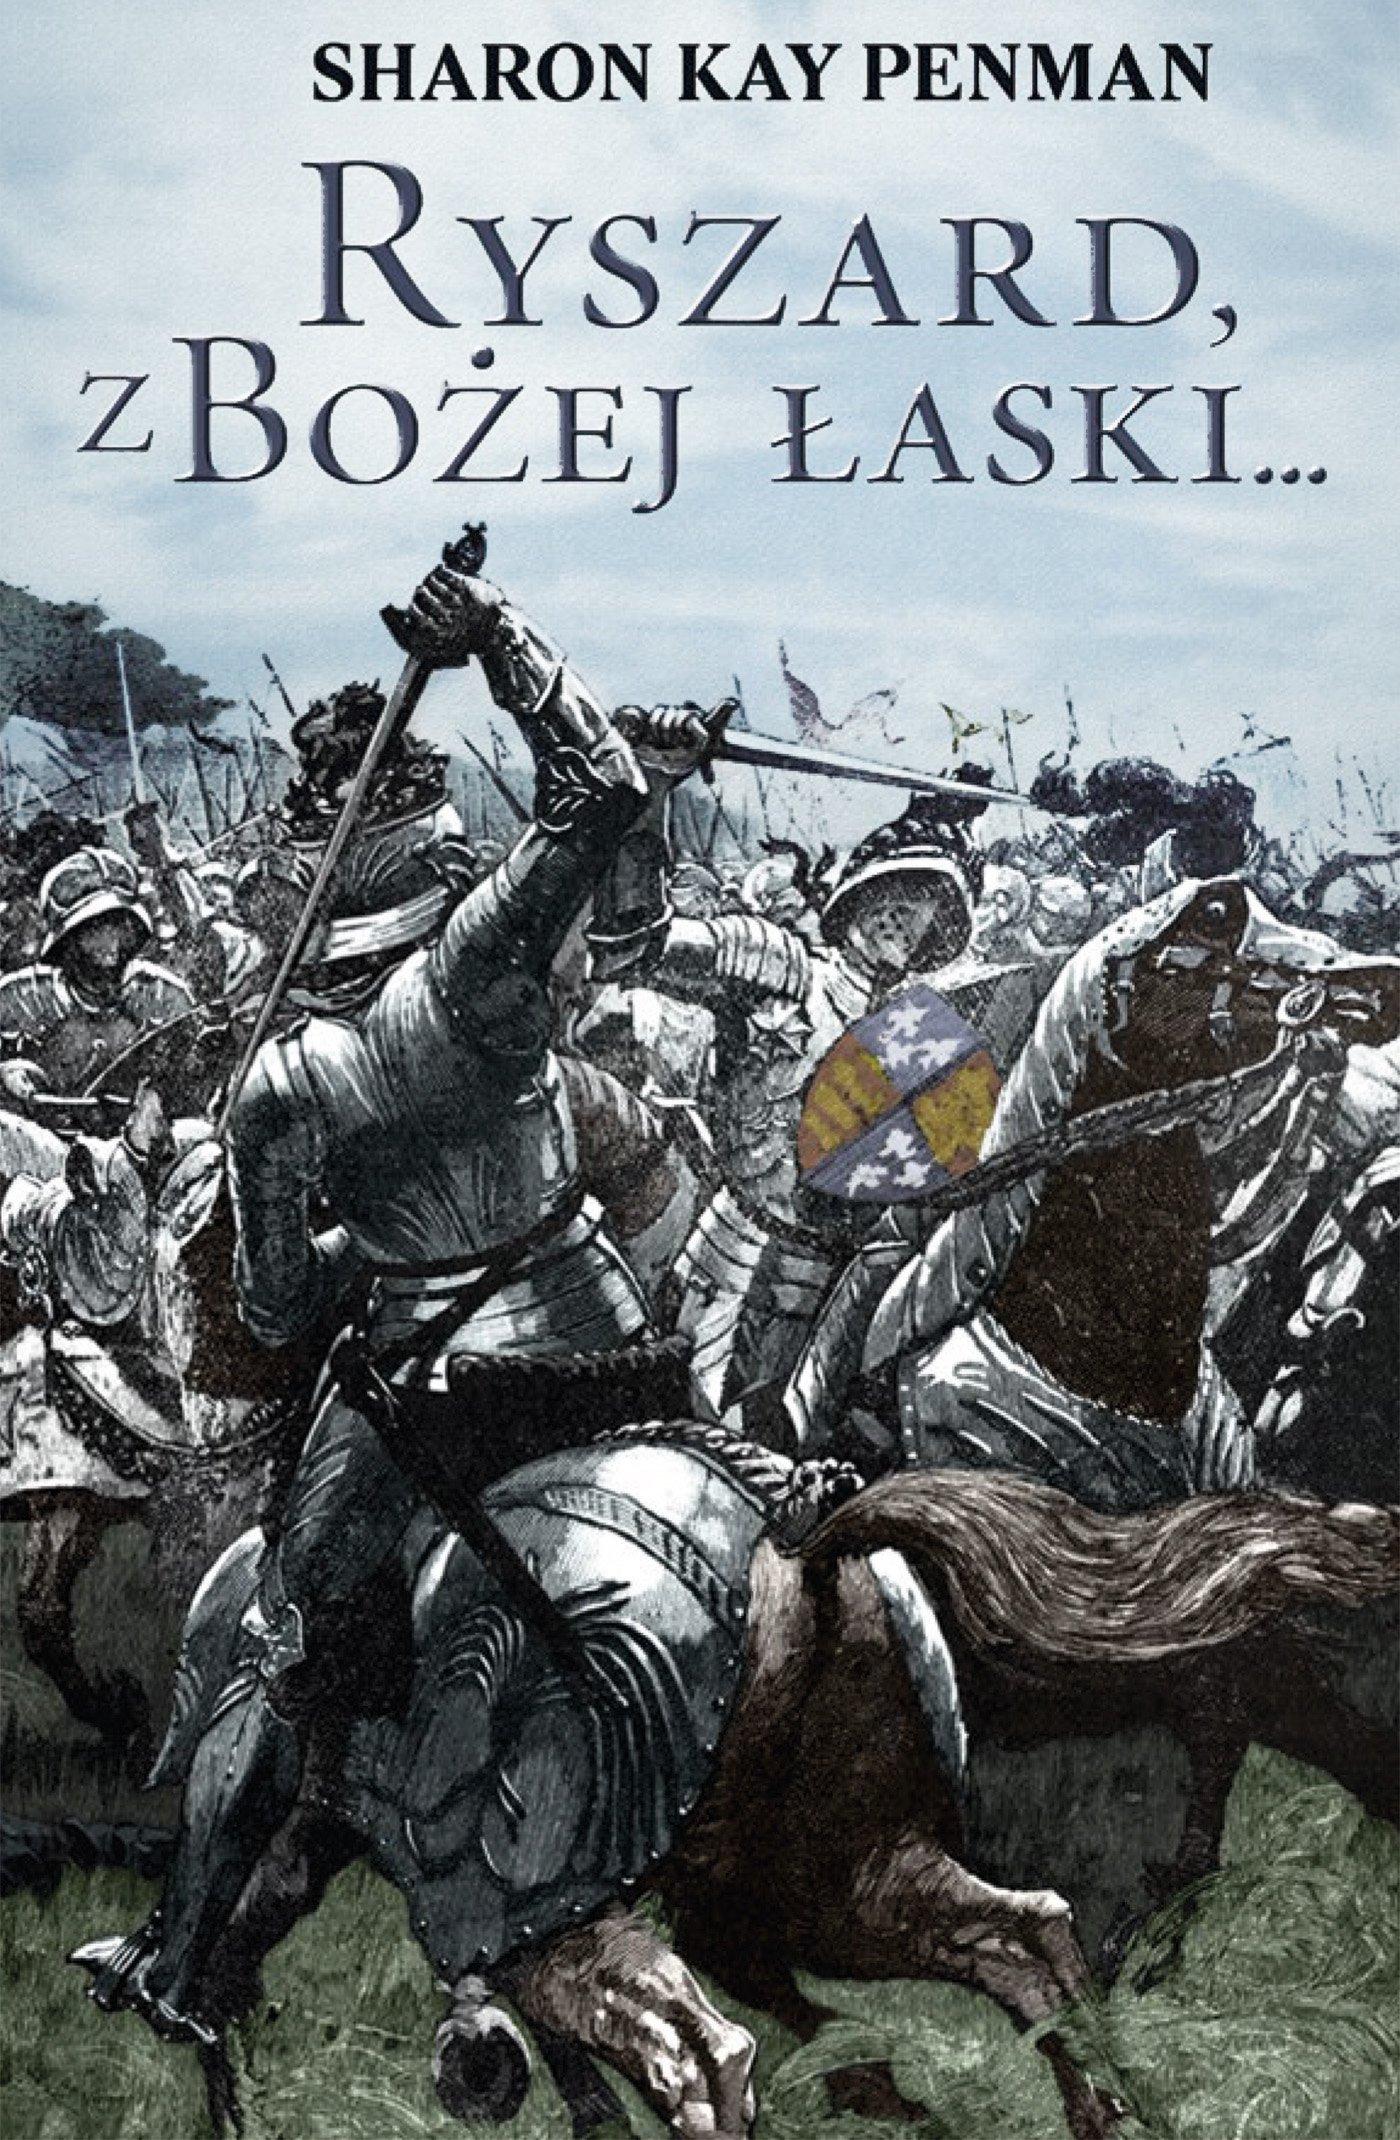 Ryszard, z Bożej łaski... - Ebook (Książka EPUB) do pobrania w formacie EPUB